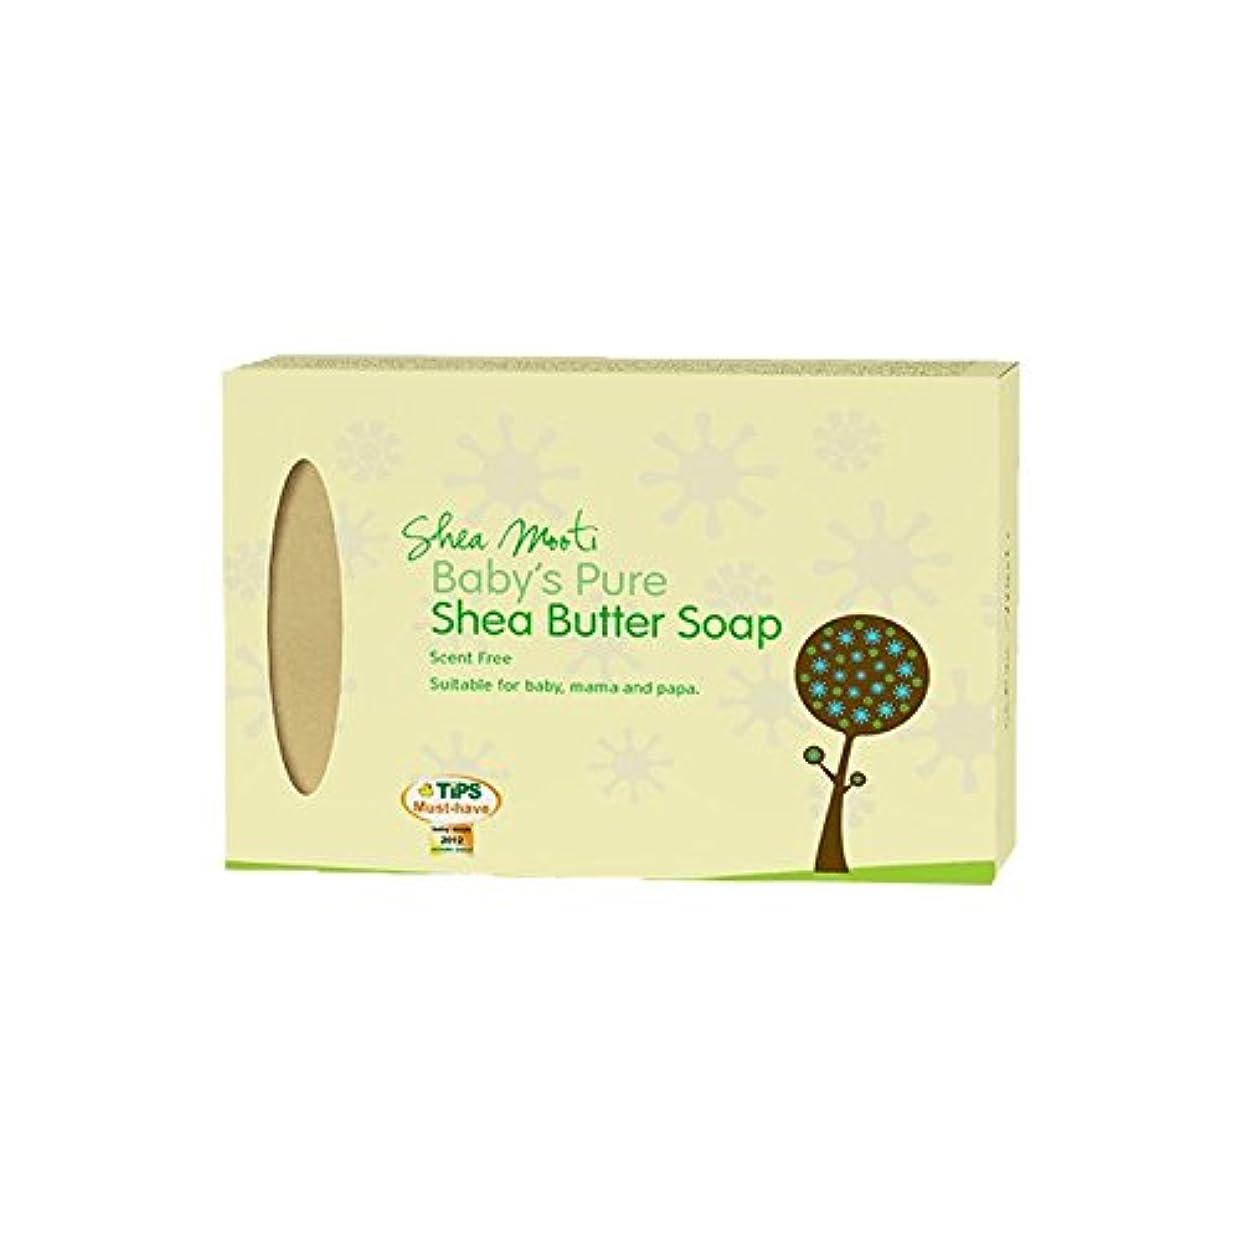 学習者合唱団ランデブーShea Mooti Baby's Pure Shea Butter Soap Unscented 250ml (Pack of 2) - シアバターMooti赤ちゃんの純粋なシアバターソープ無香250ミリリットル (x2...